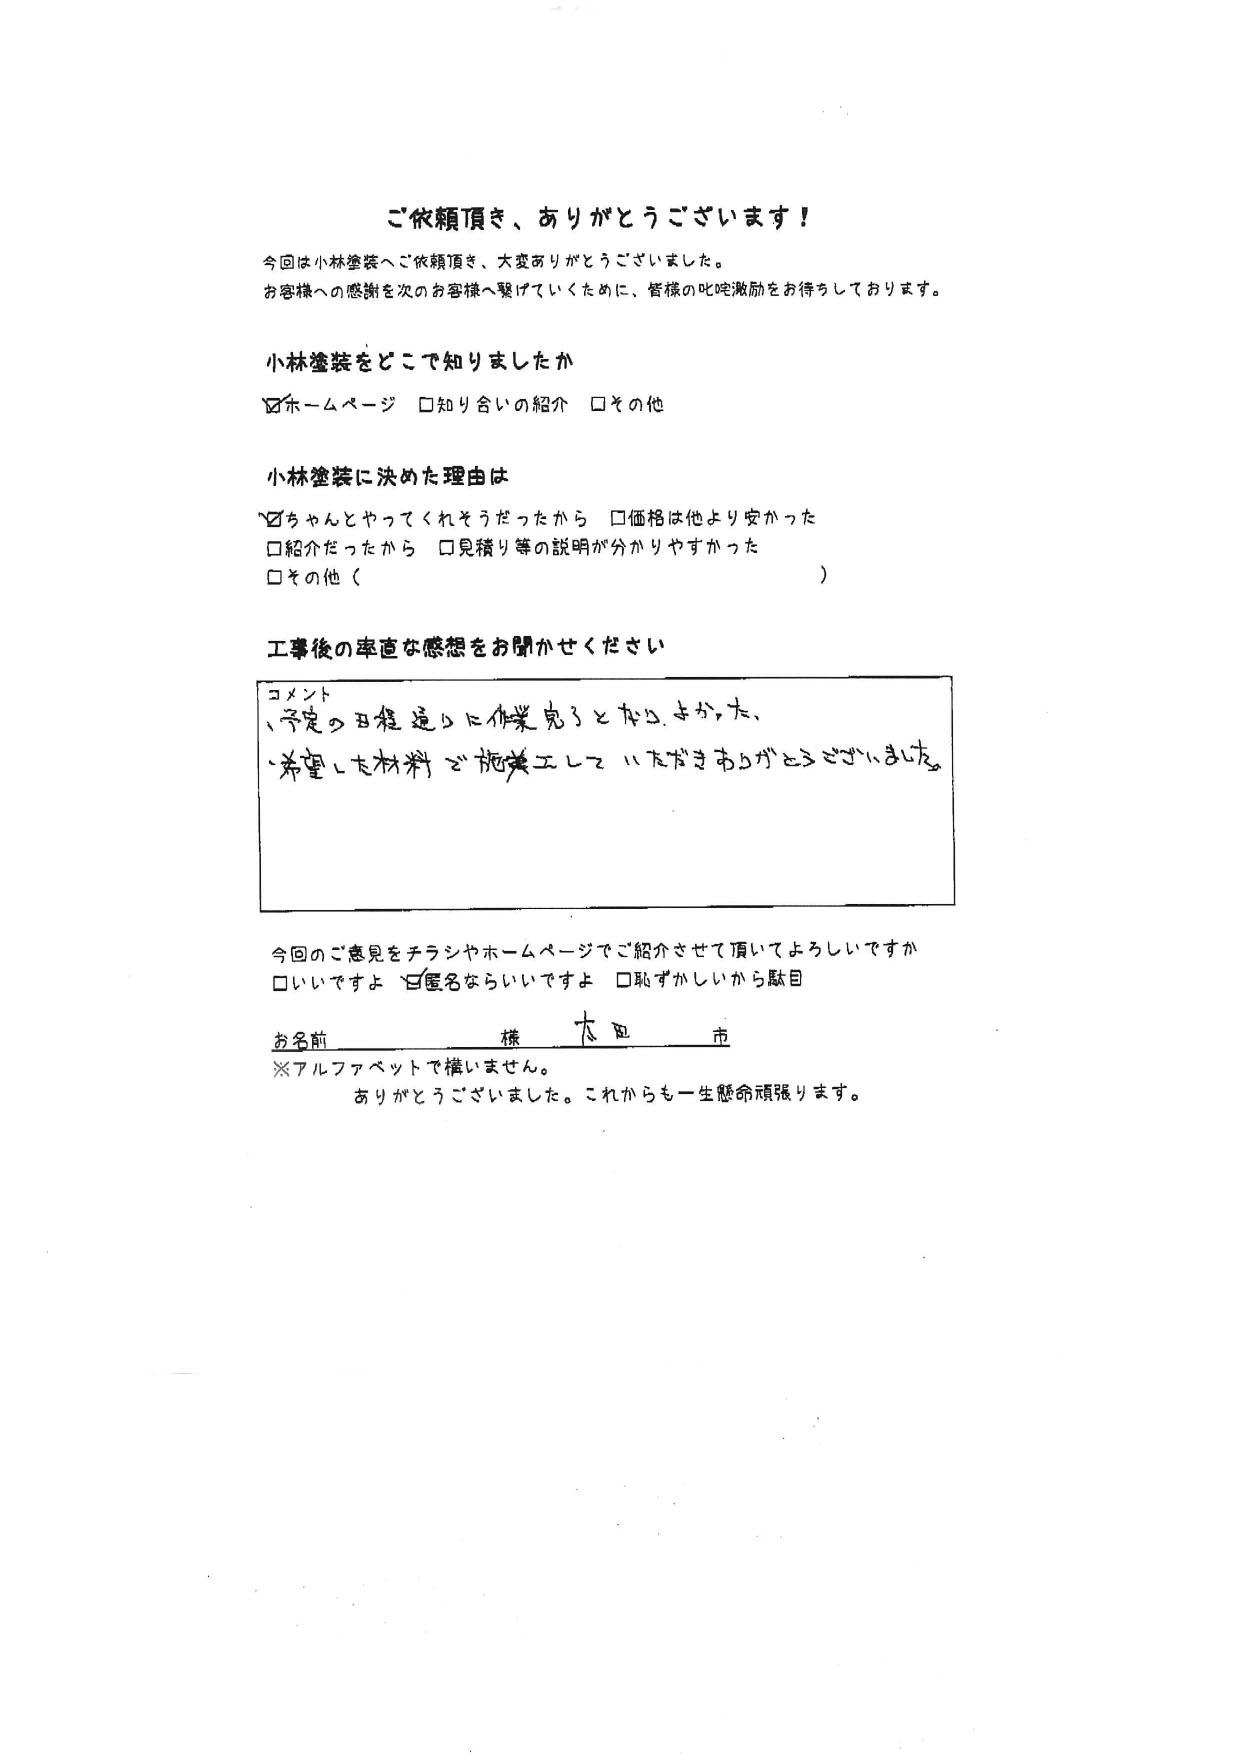 太田市 お客様アンケート